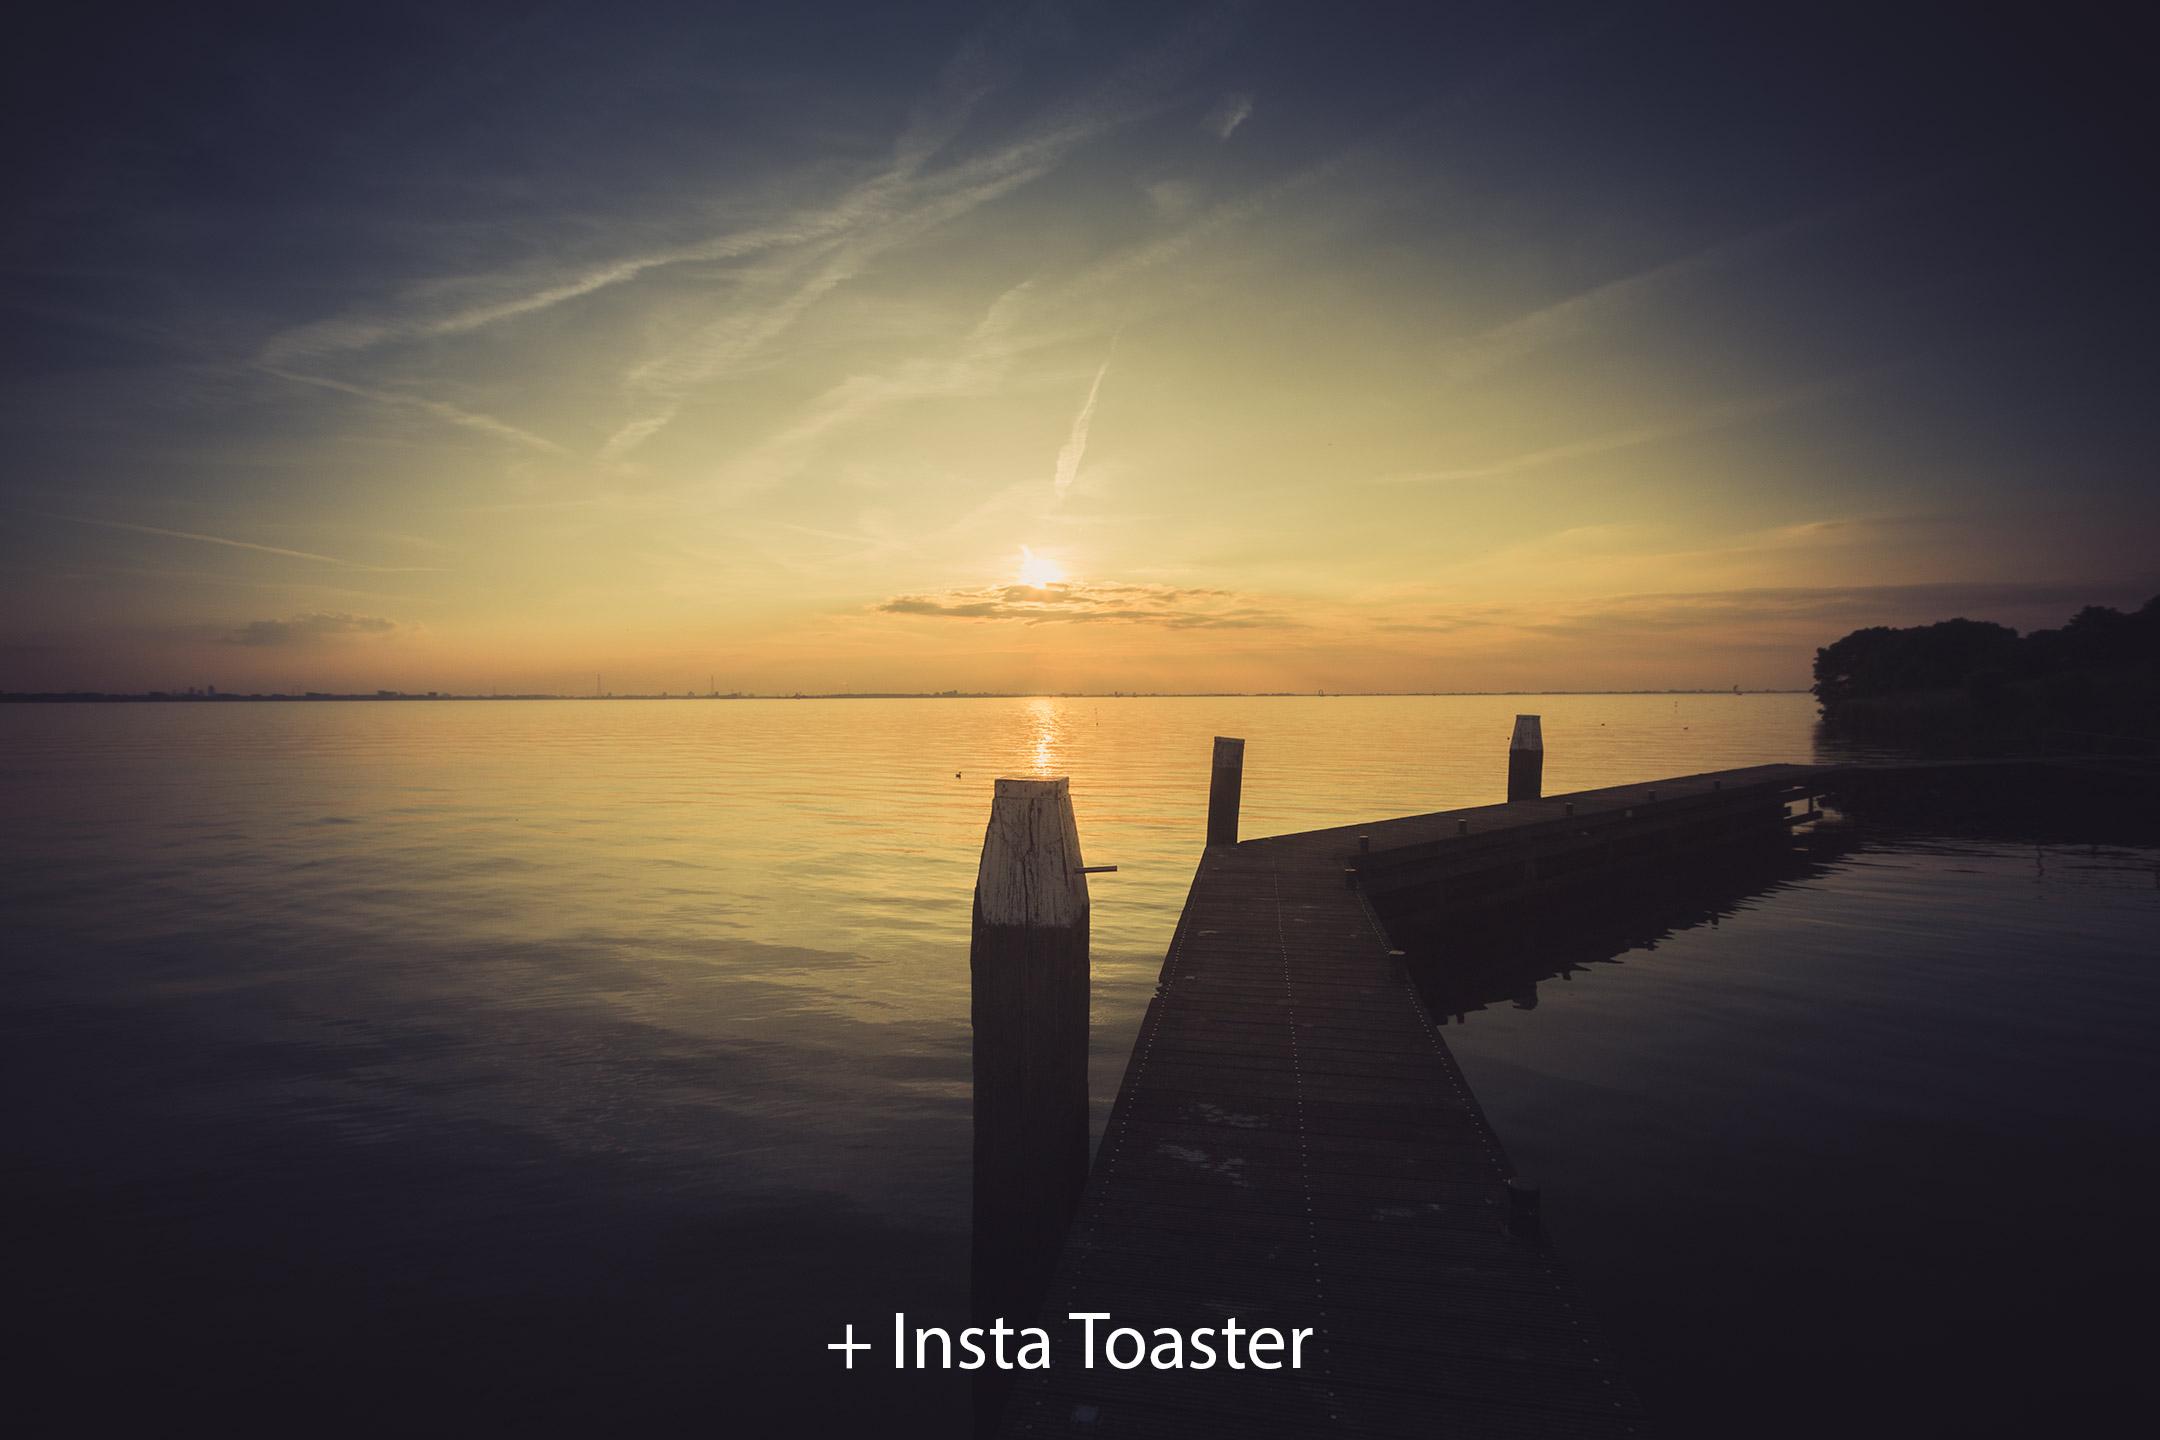 Insta Toaster 2.jpg